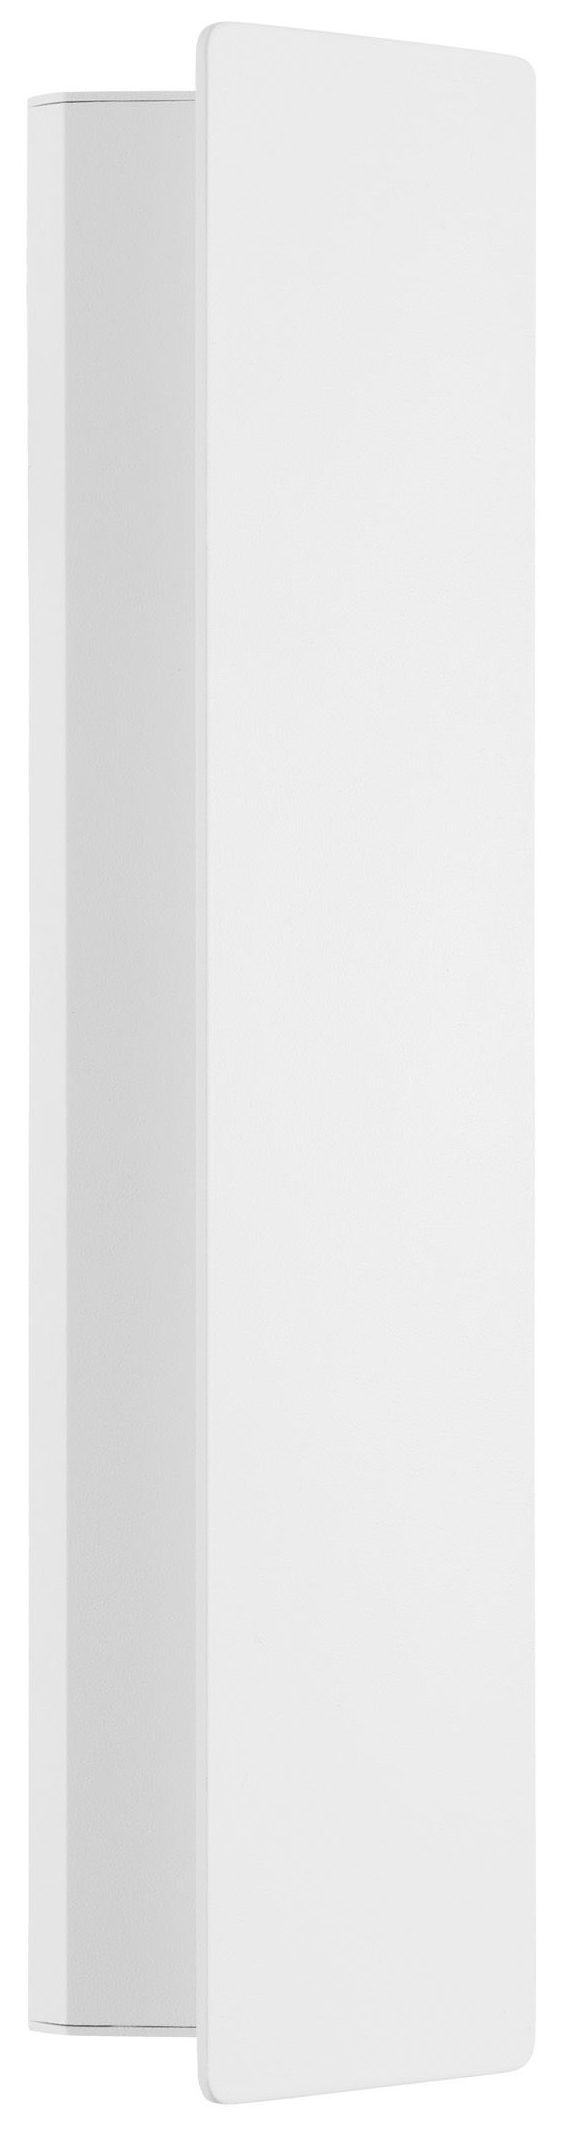 Led wandlamp zubialde 1400lm l360 wit - wit Eglo Wandlamp 99086-EGLO